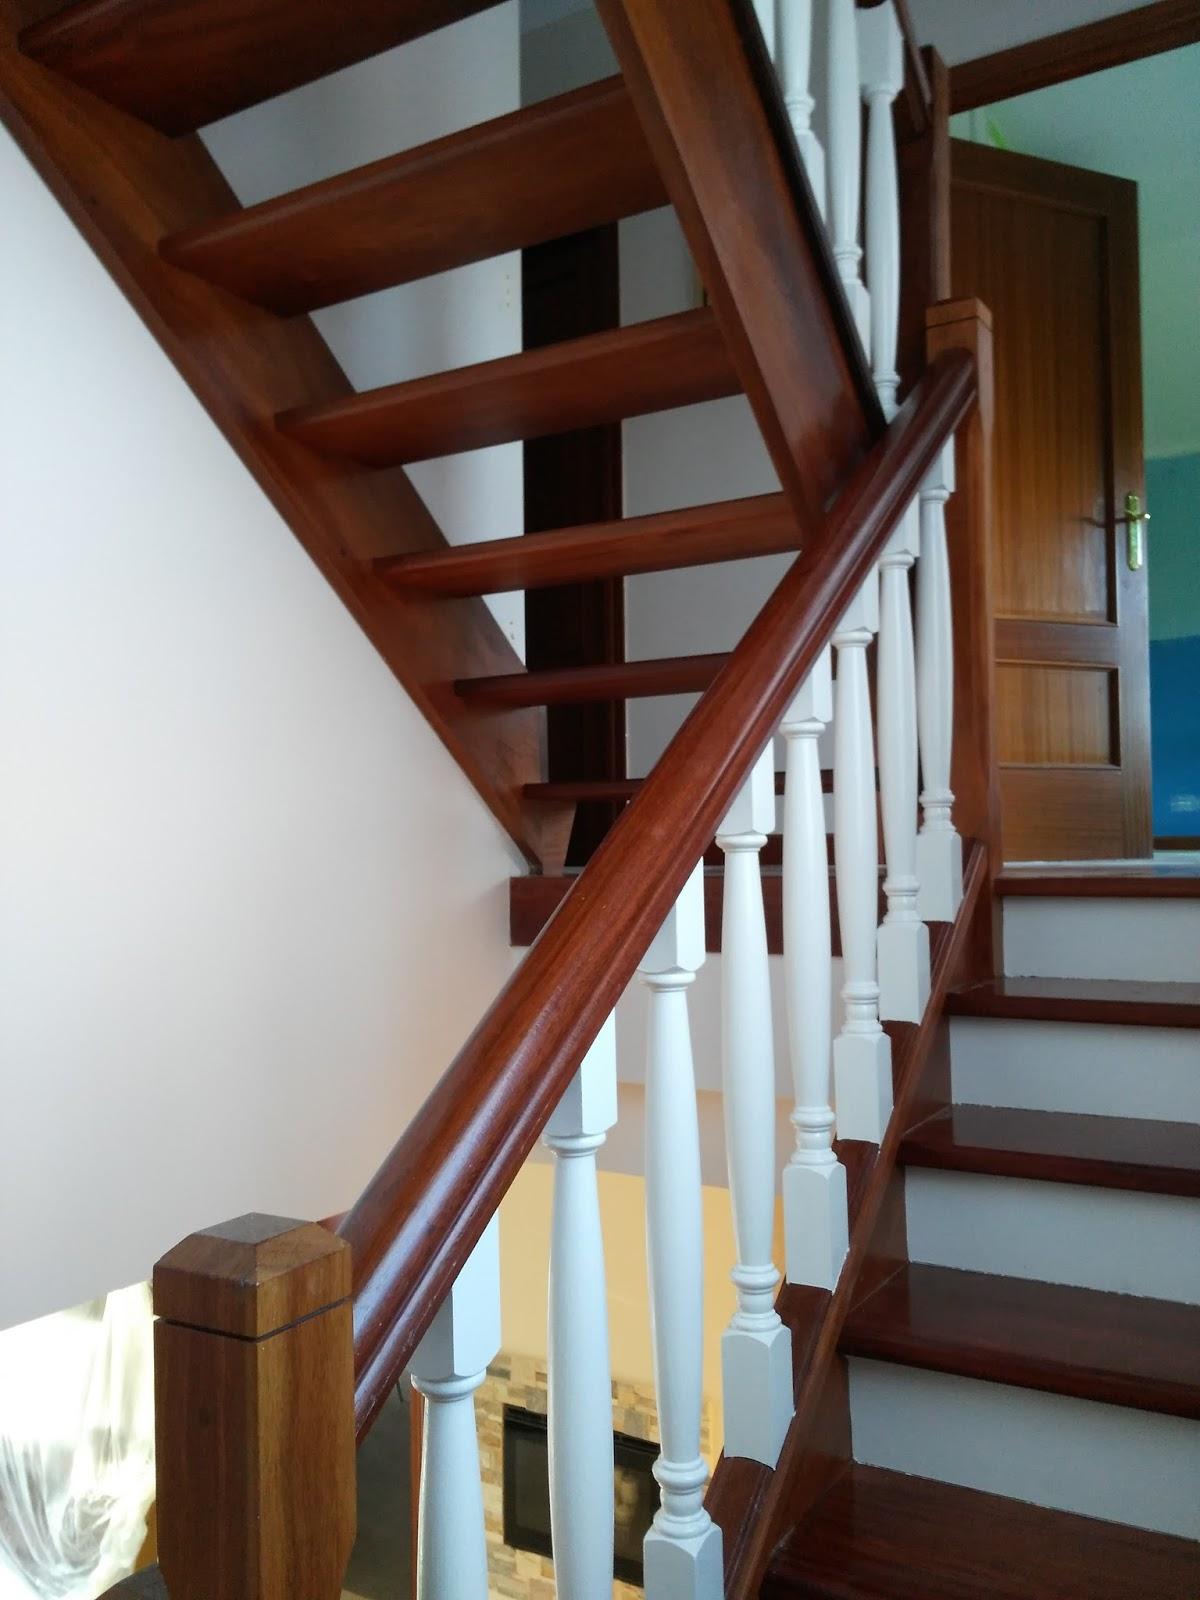 Recikla arte mira como pueden cambiar los muebles y - Muebles en escalera ...